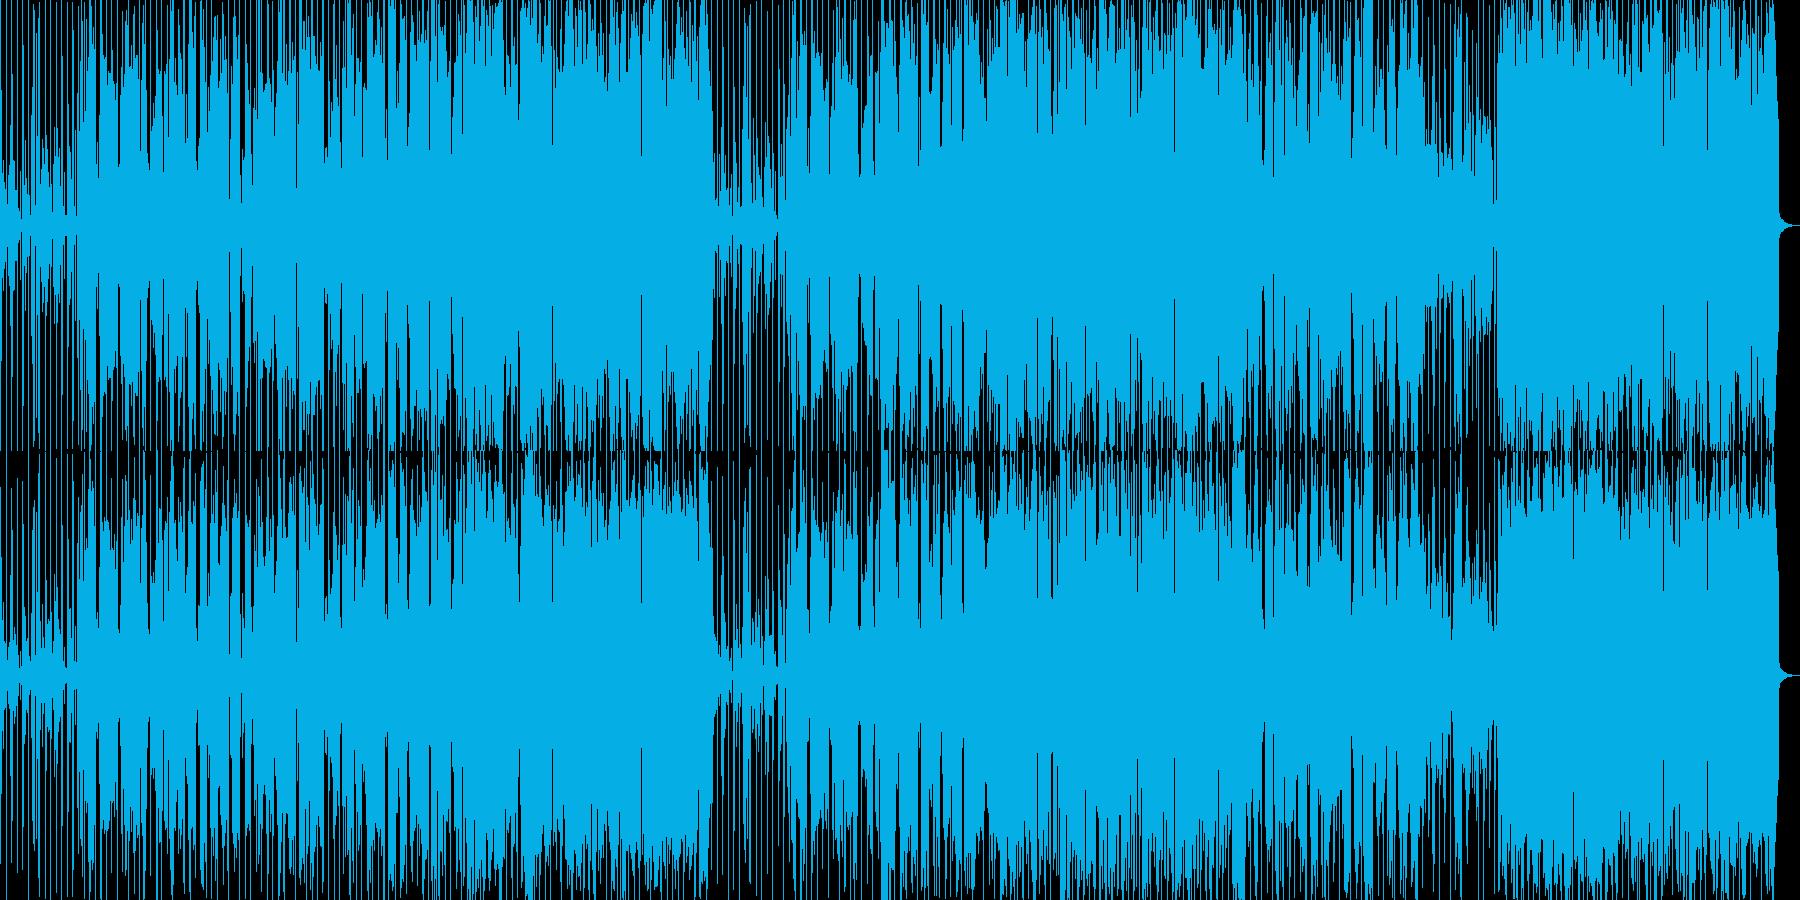 ヒップホップ風のリズムのR&Bバラード2の再生済みの波形